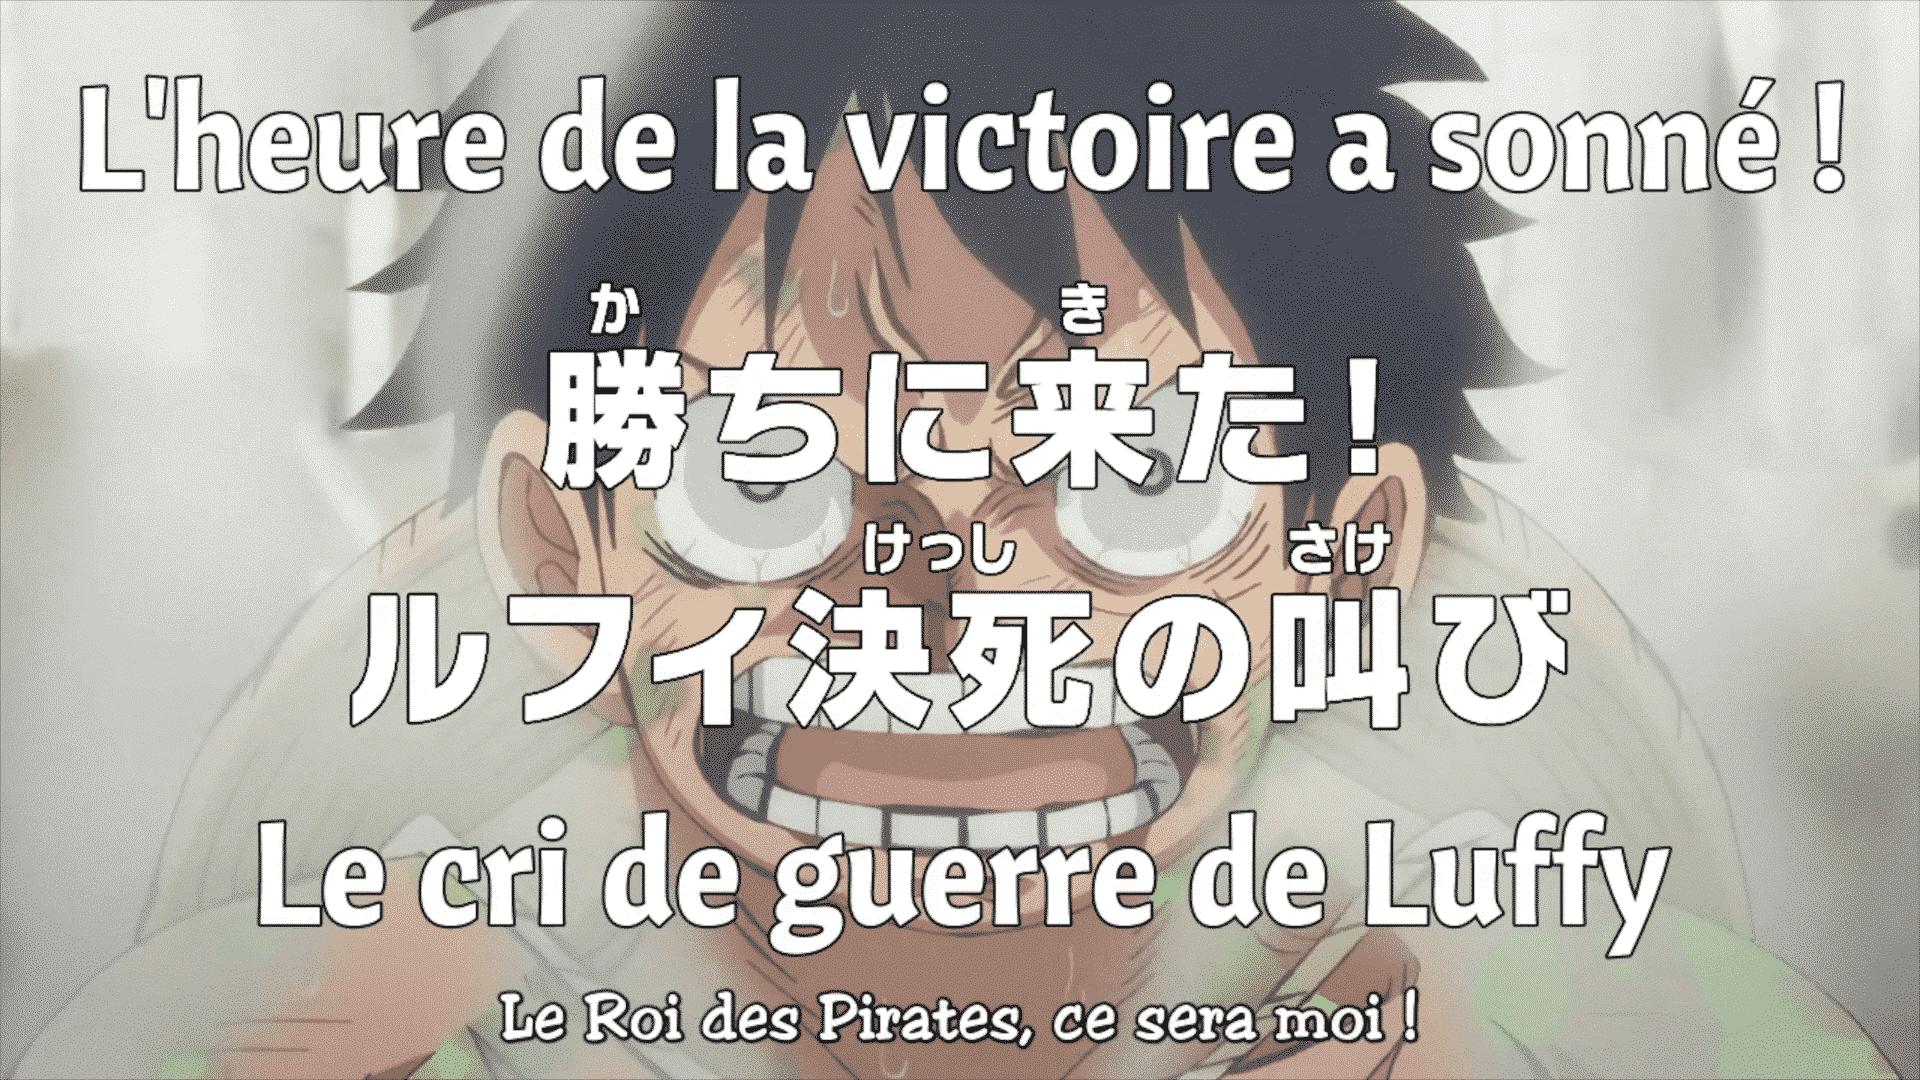 One piece 949 vostfr - L'heure de la victoire a sonné le cri de guerre de Luffy 20